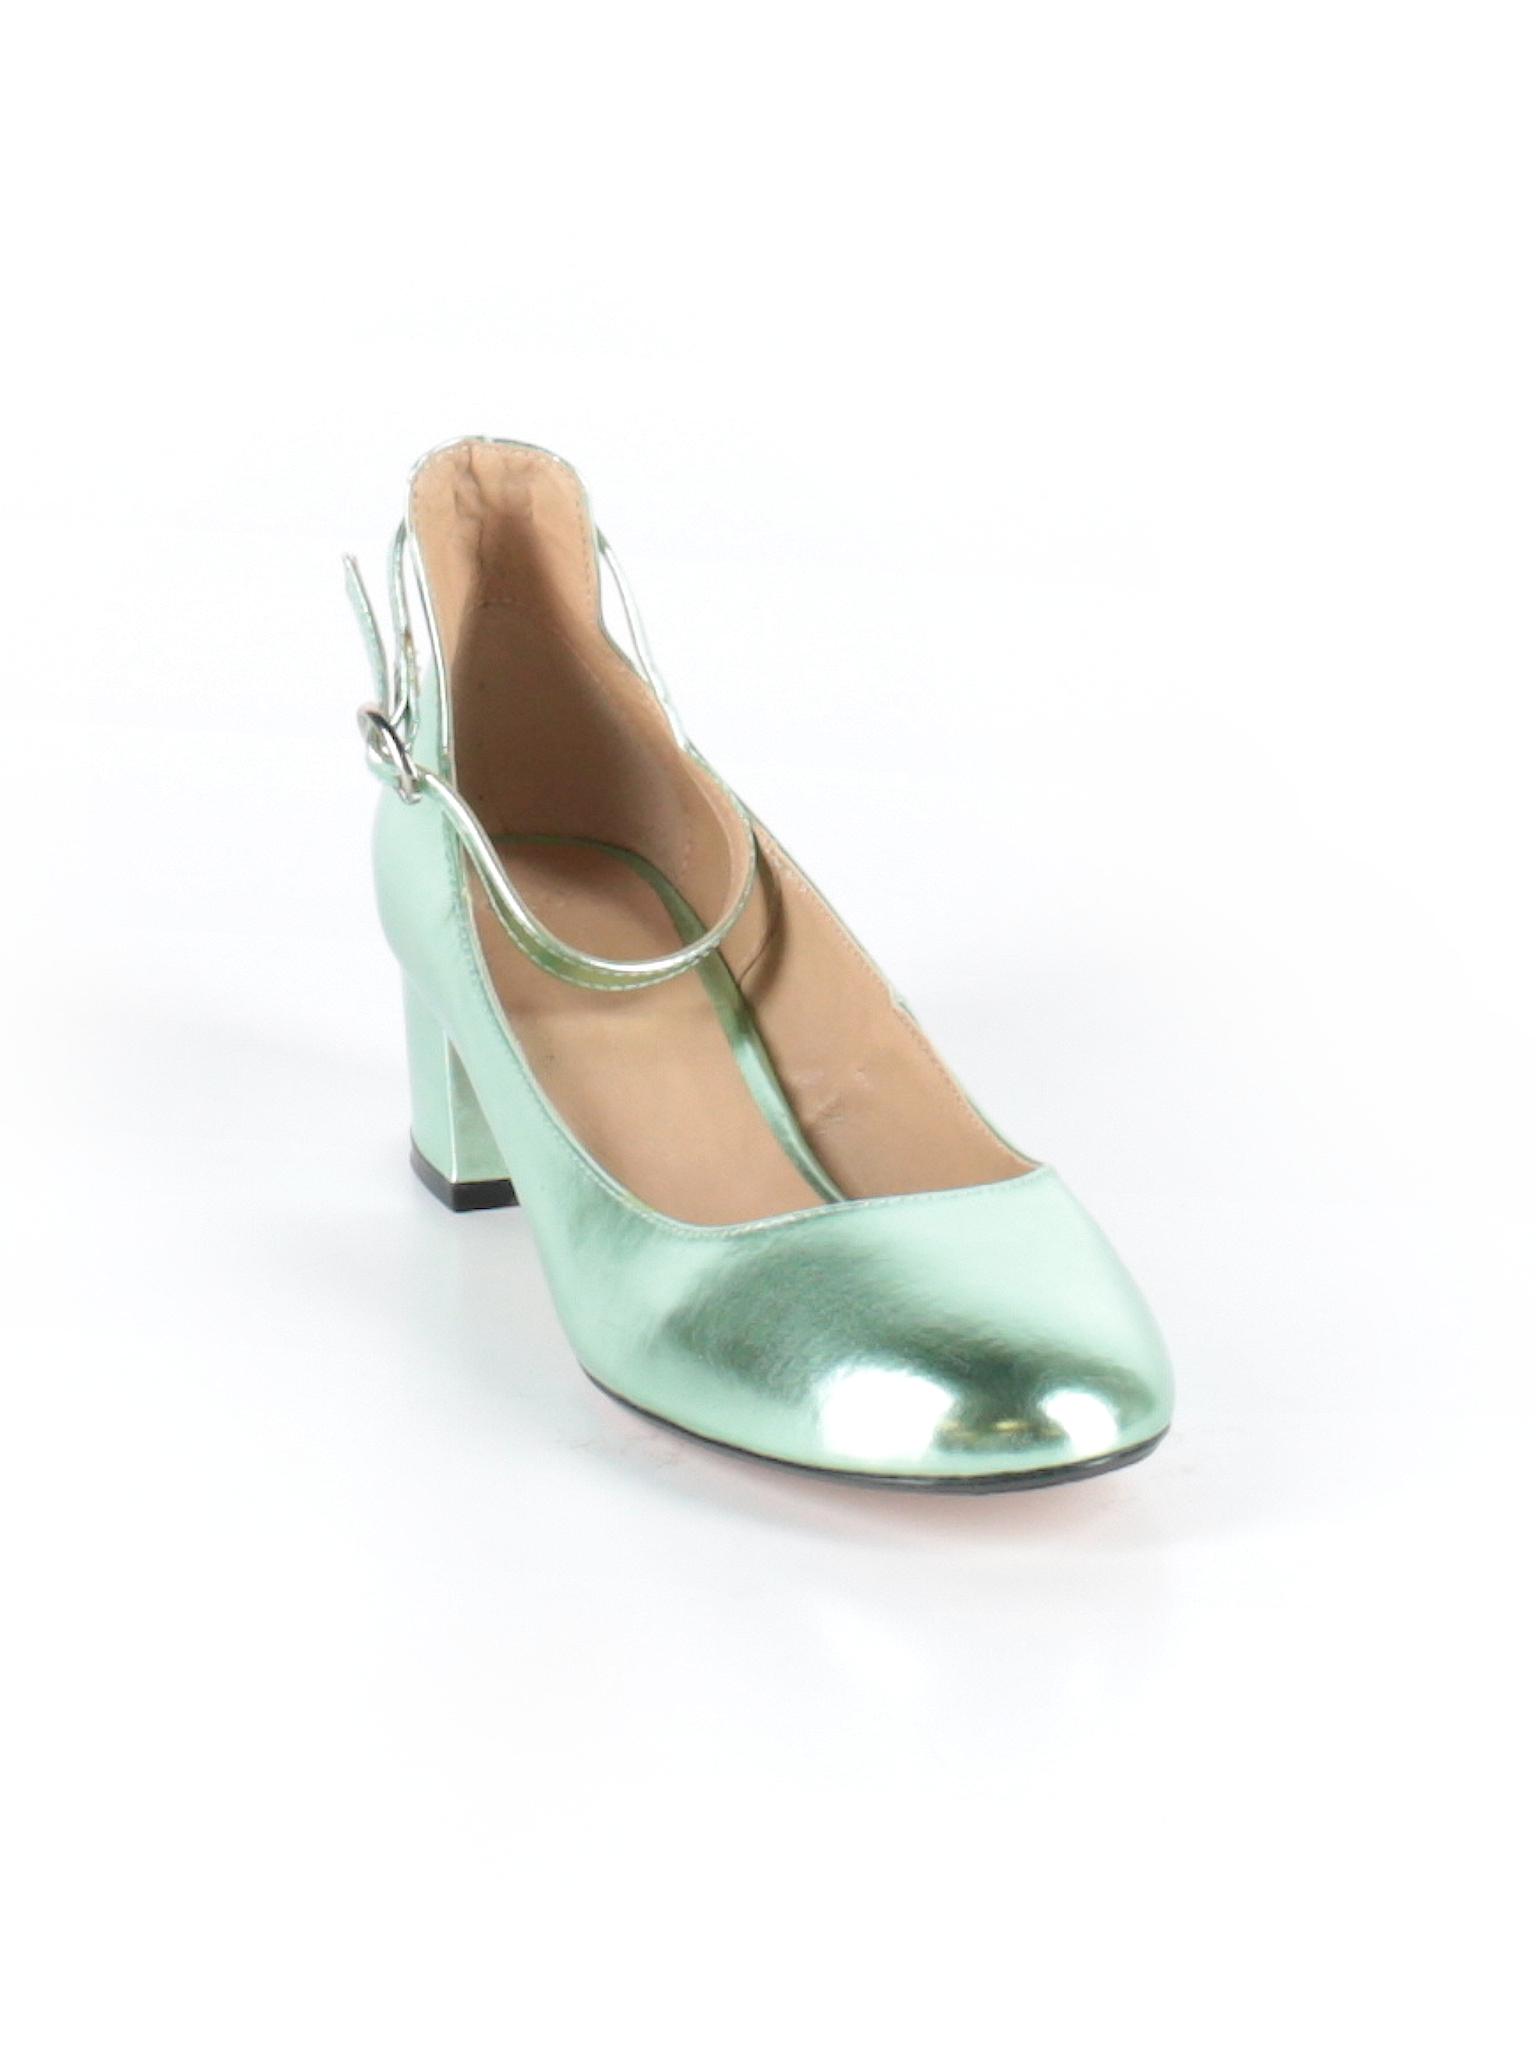 Heels promotion promotion ASOS ASOS Boutique Boutique nq6X7BtBz